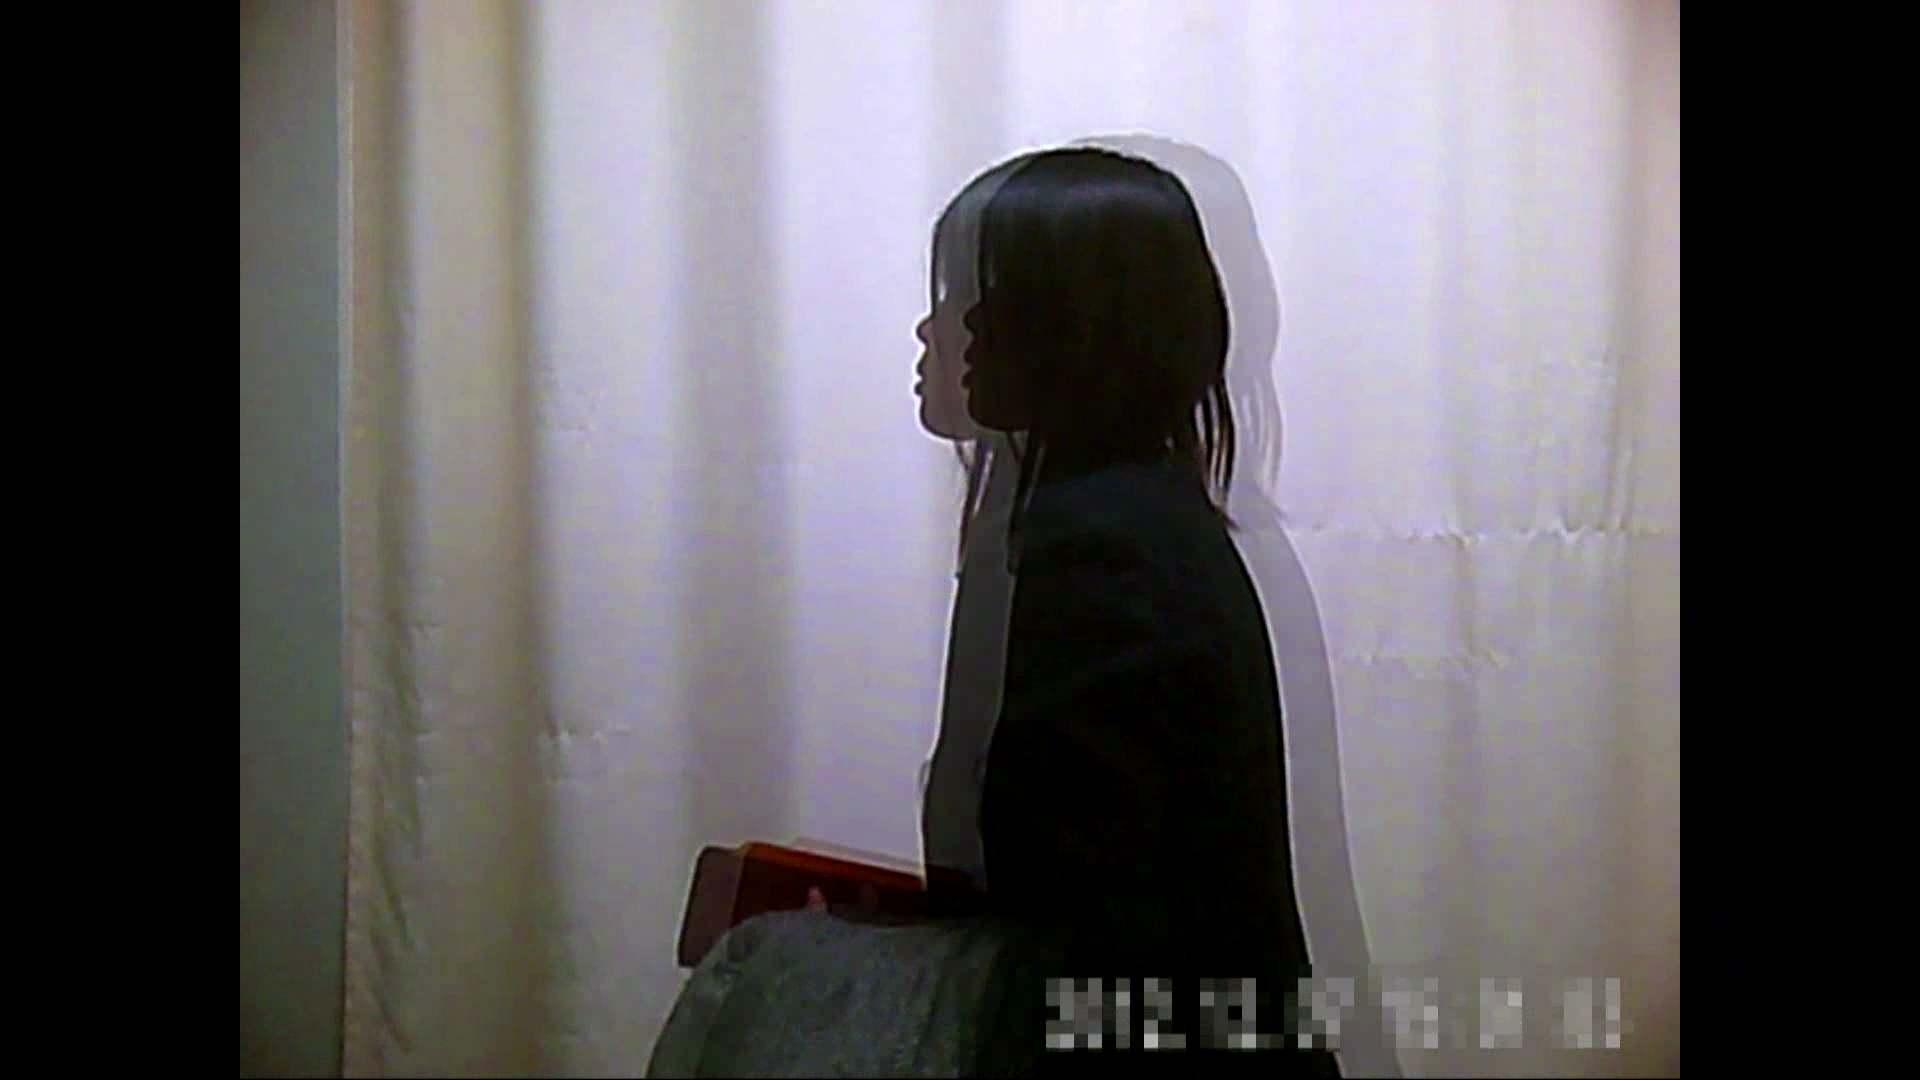 元医者による反抗 更衣室地獄絵巻 vol.126 OLハメ撮り  101Pix 97